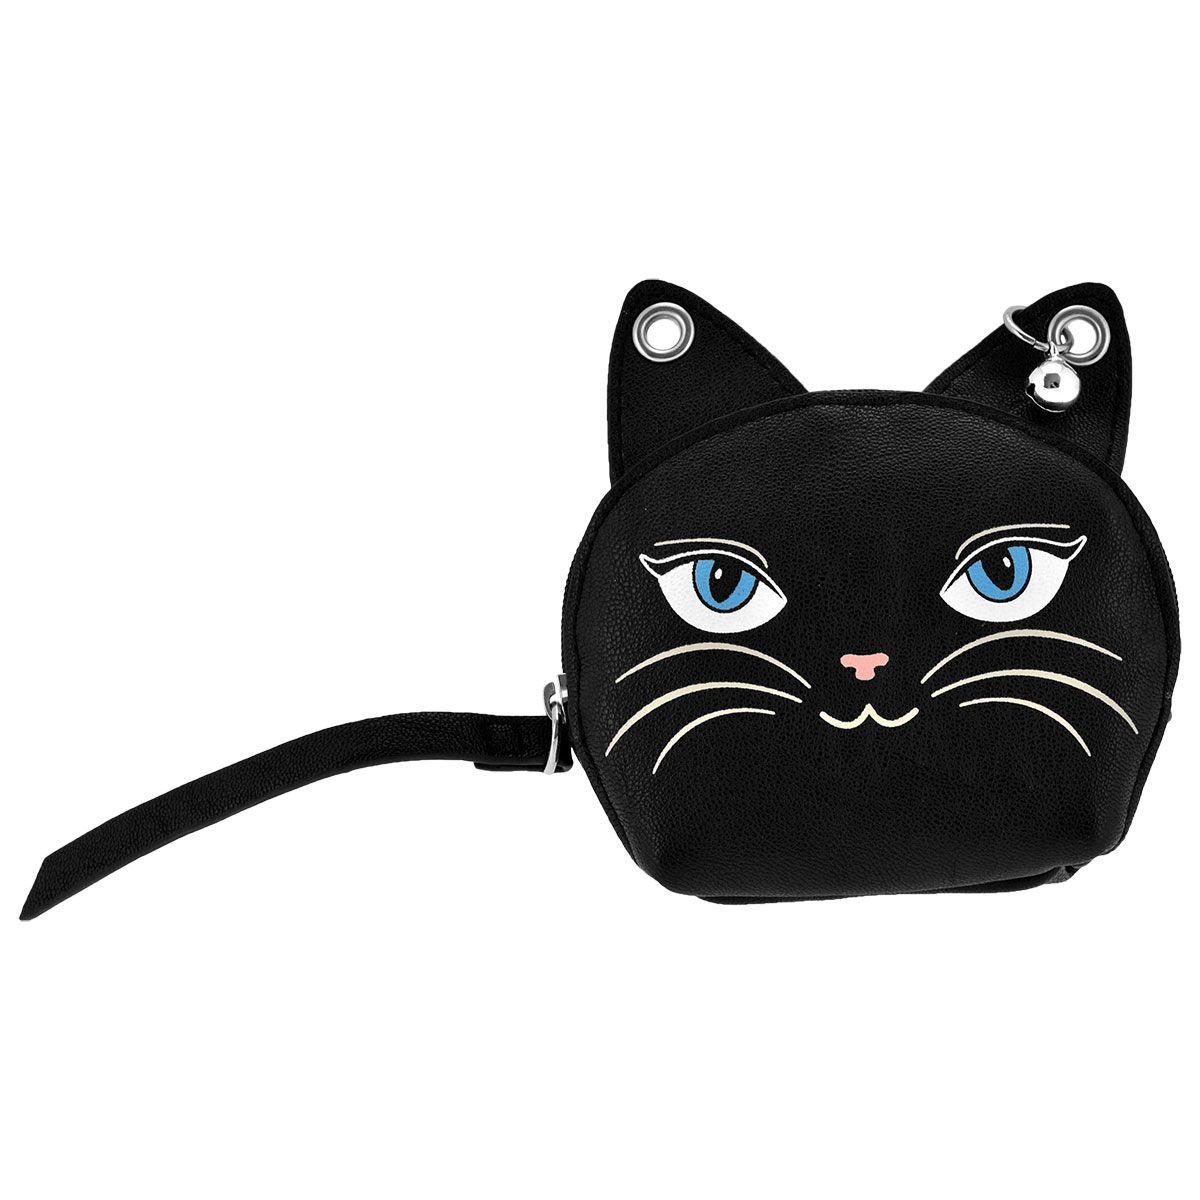 nouveau produit 2b6bb d2758 Porte Monnaie BANNED - Black Cat - Rock A Gogo